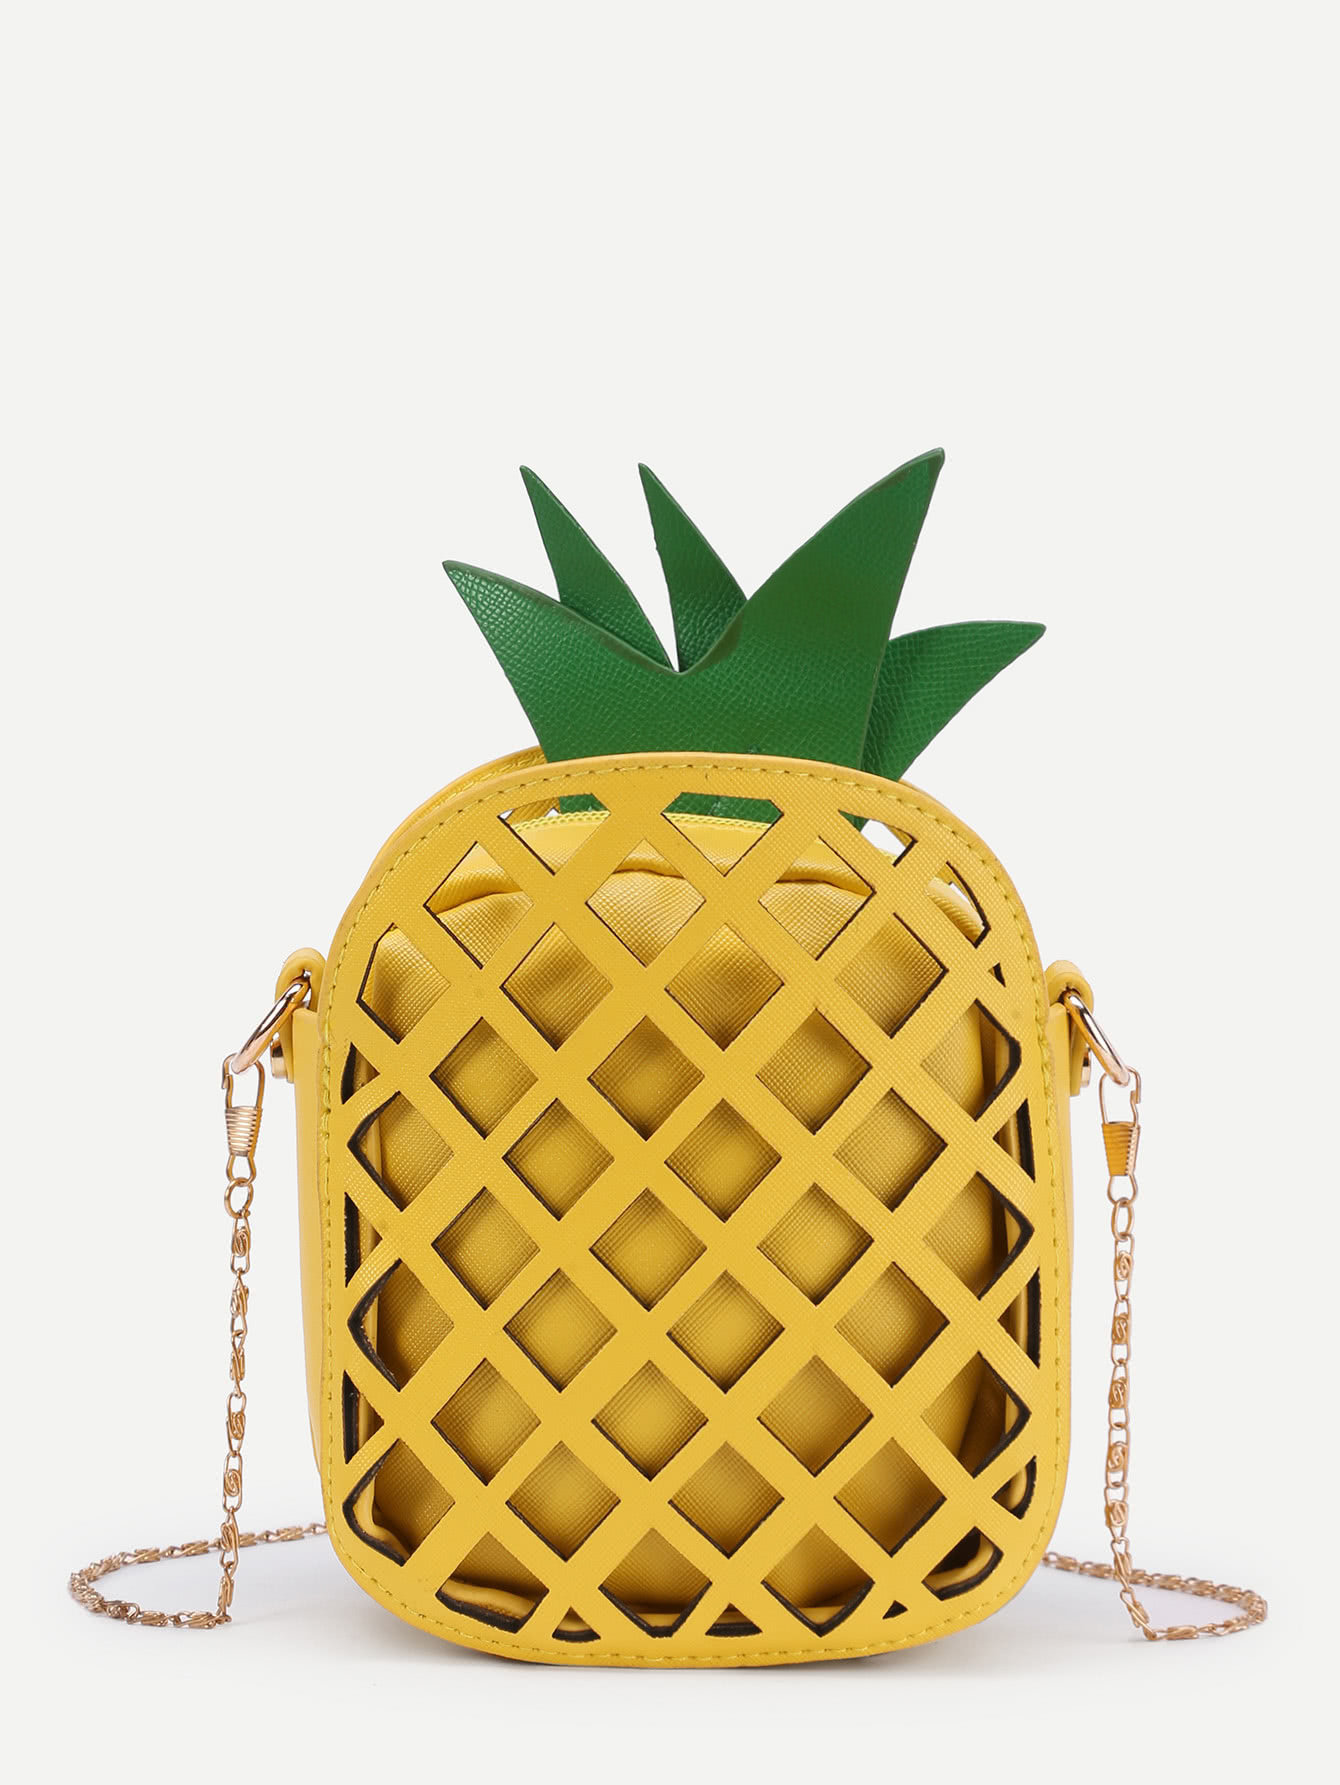 Sac à main Ananas jaune coeur-sac ananas jaune